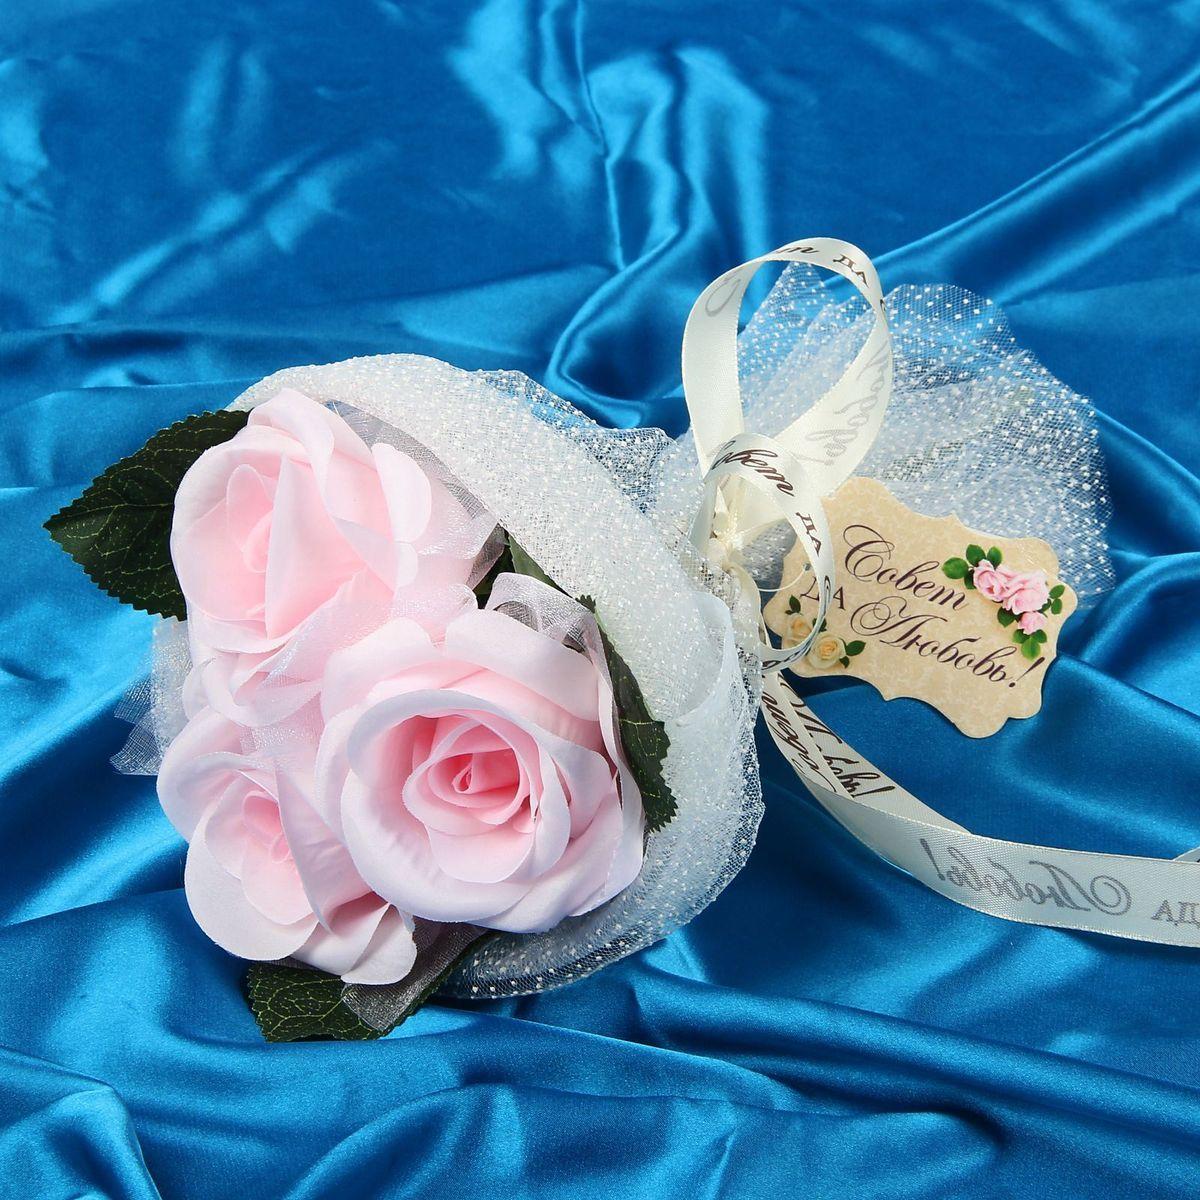 Букет-дублер Sima-land Воздушность, цвет: розовый1135088Свадьба - одно из главных событий в жизни человека. В такой день всё должно быть безупречно, особенно букет невесты. Но кидать, по старой традиции, цветочную композицию подругам не всегда удобно, и на помощь приходит букет-дублер Воздушность розы - красивый и яркий аксессуар. Стебли оформлены лентой с надписью Совет да любовь. Букет дополнен шильдом с тёплым пожеланием. После торжества он украсит любой интерьер, ведь нежные цветы из текстиля не завянут и не помнутся.